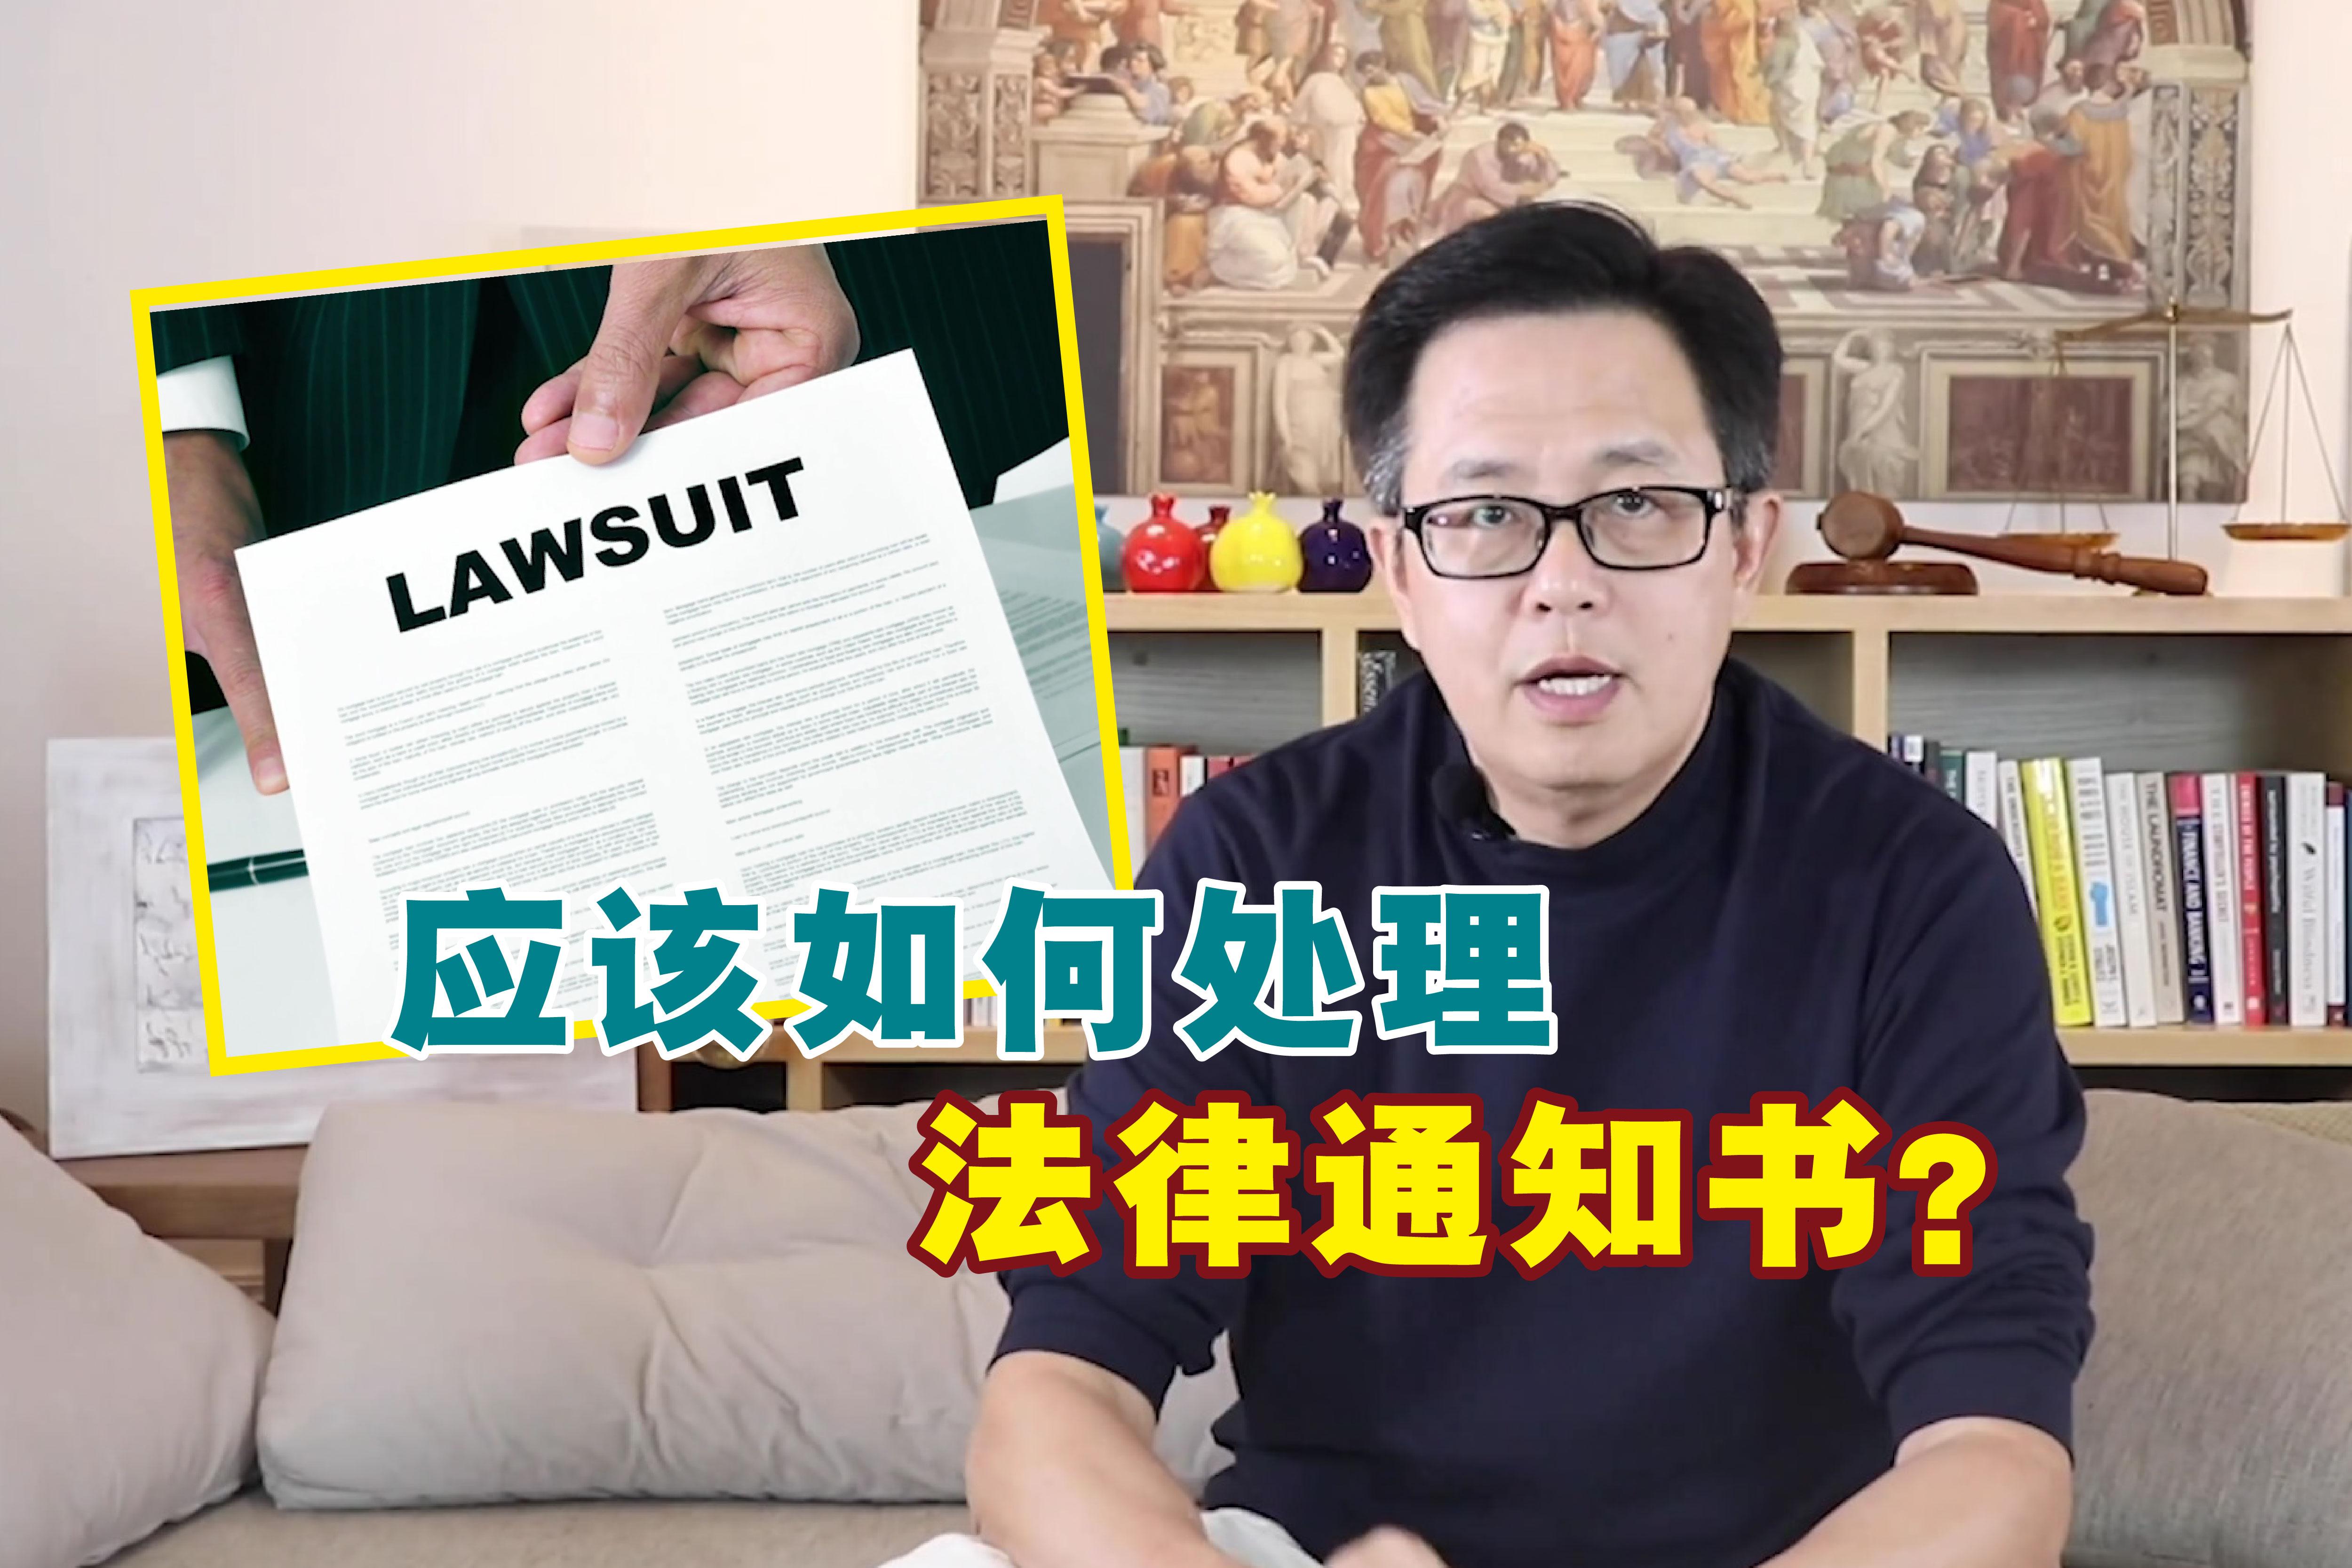 收到法律通知书后,必须尽快处理。-截图自颜炳寿脸书专页视频/精彩大马制图-